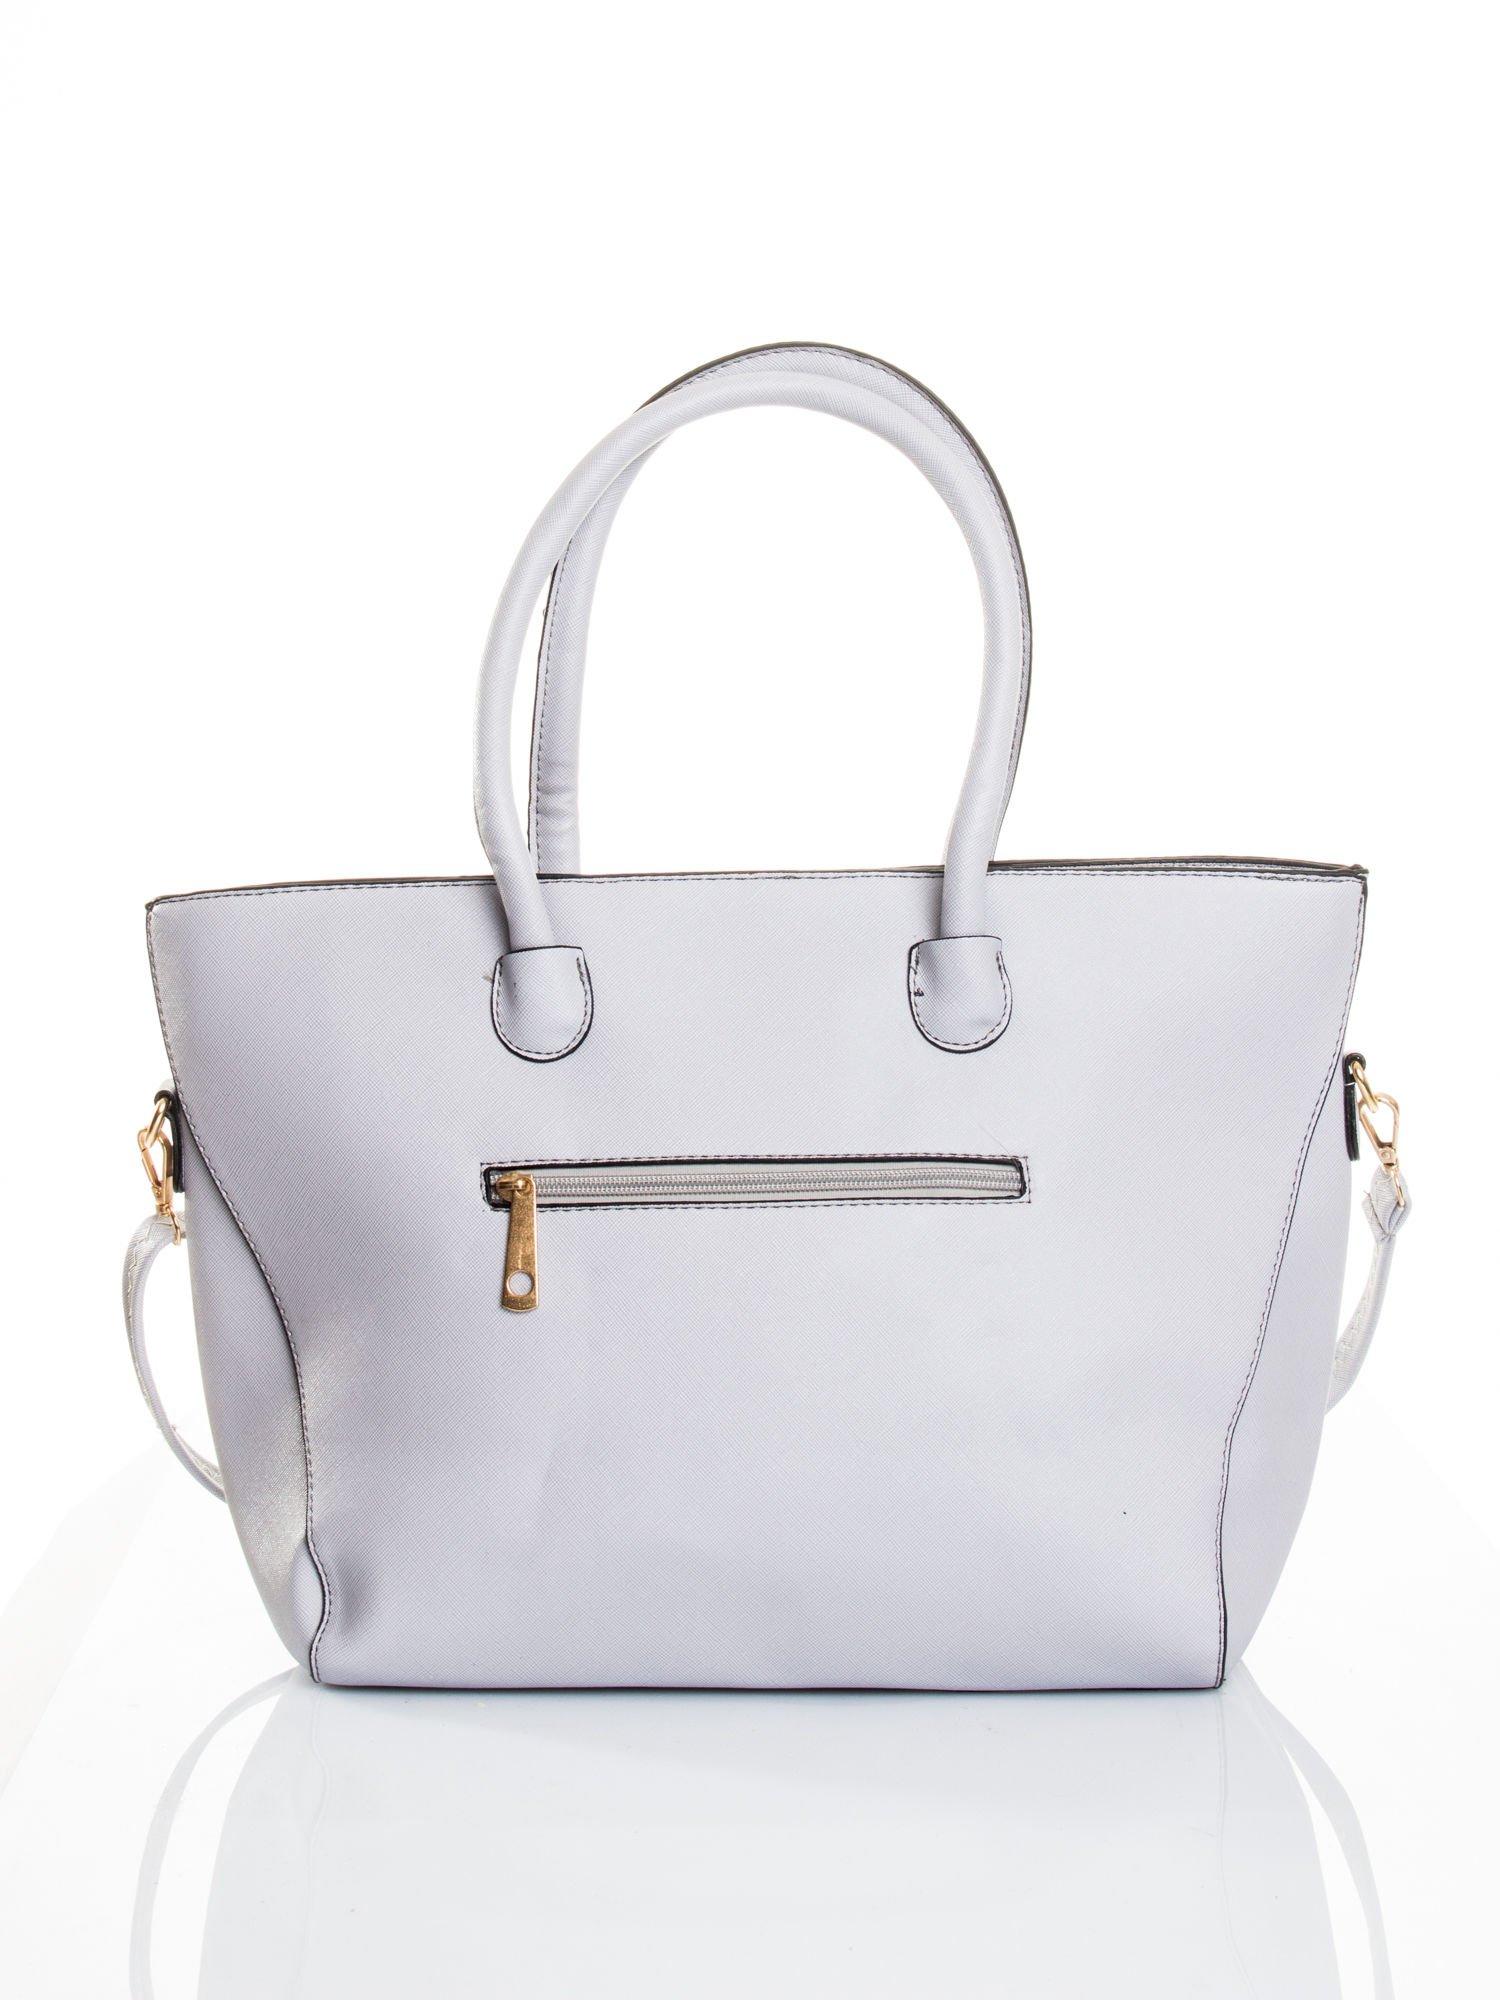 Szara torba shopper efekt saffiano                                  zdj.                                  2